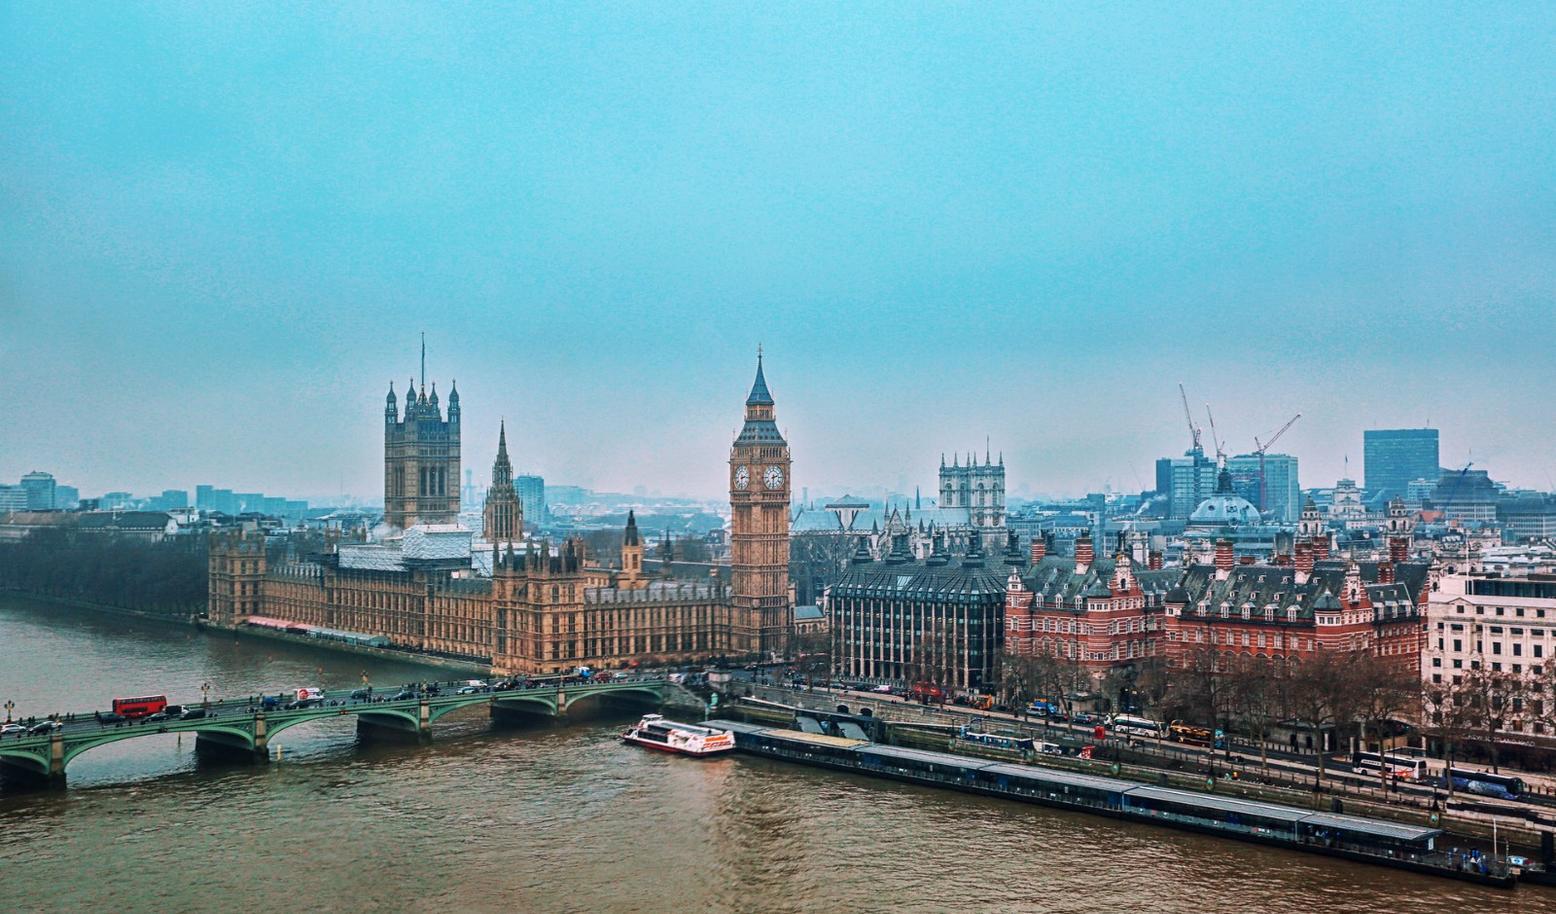 英国将西班牙从安全旅游目的地中移除